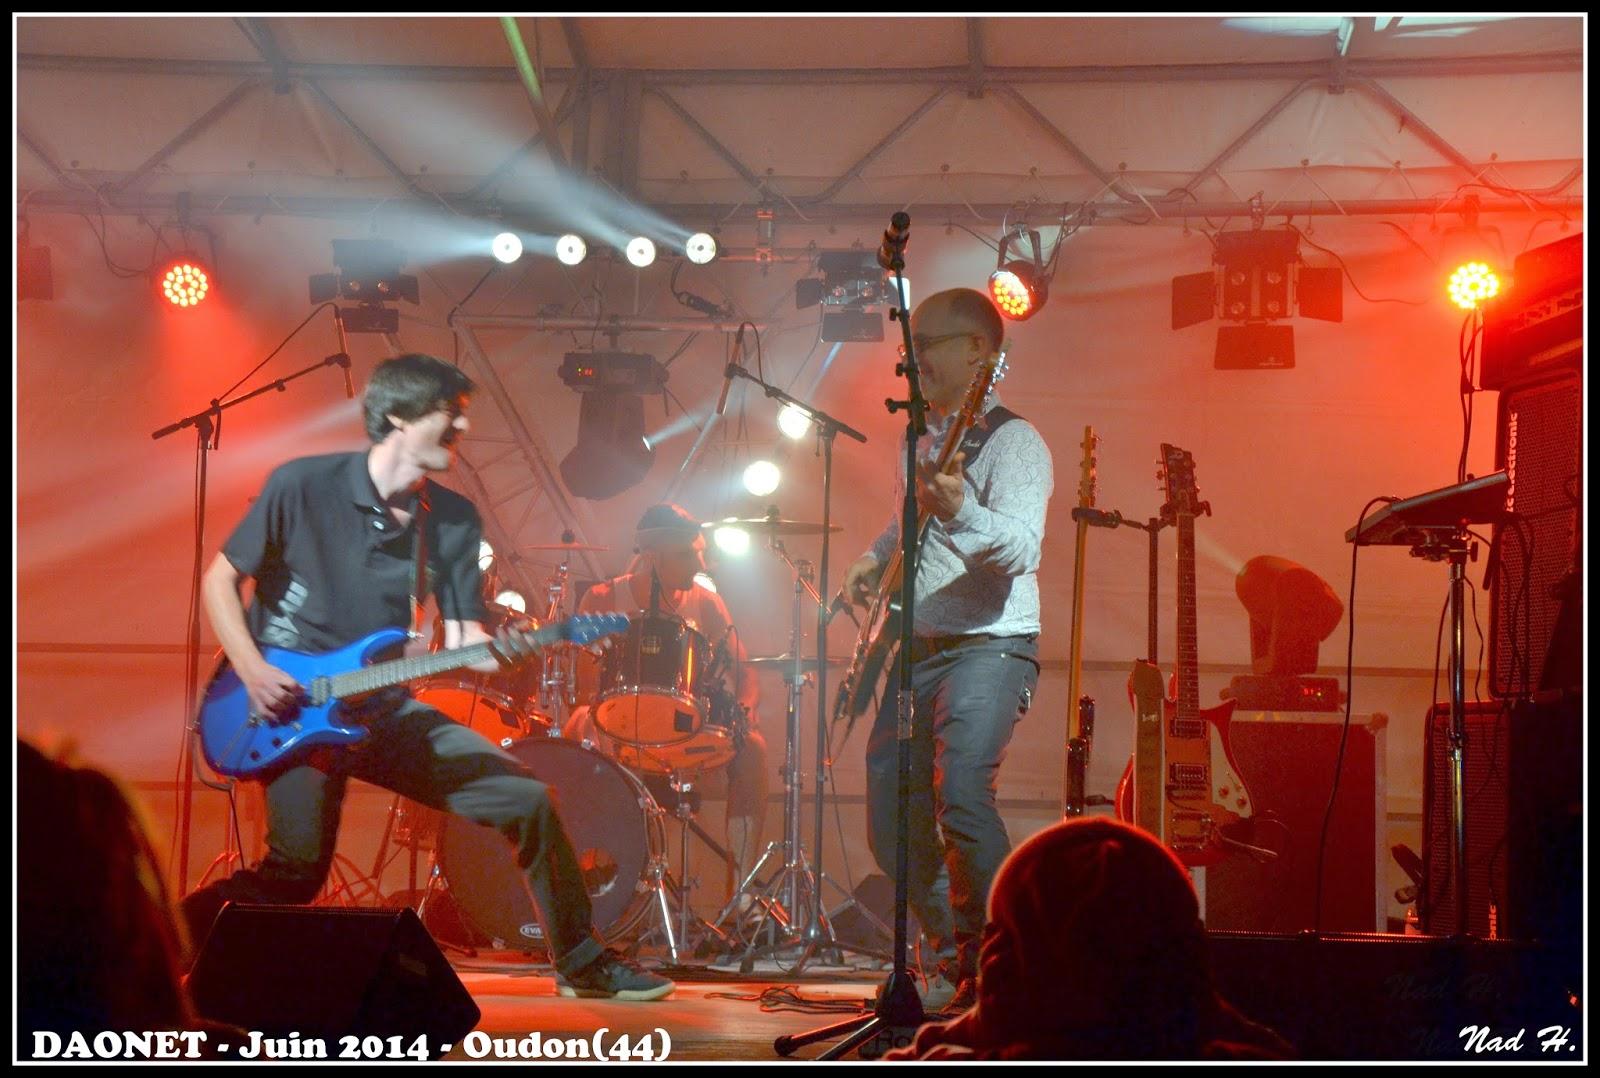 Daonet - Rock breton fête de la musique 2014 Oudon